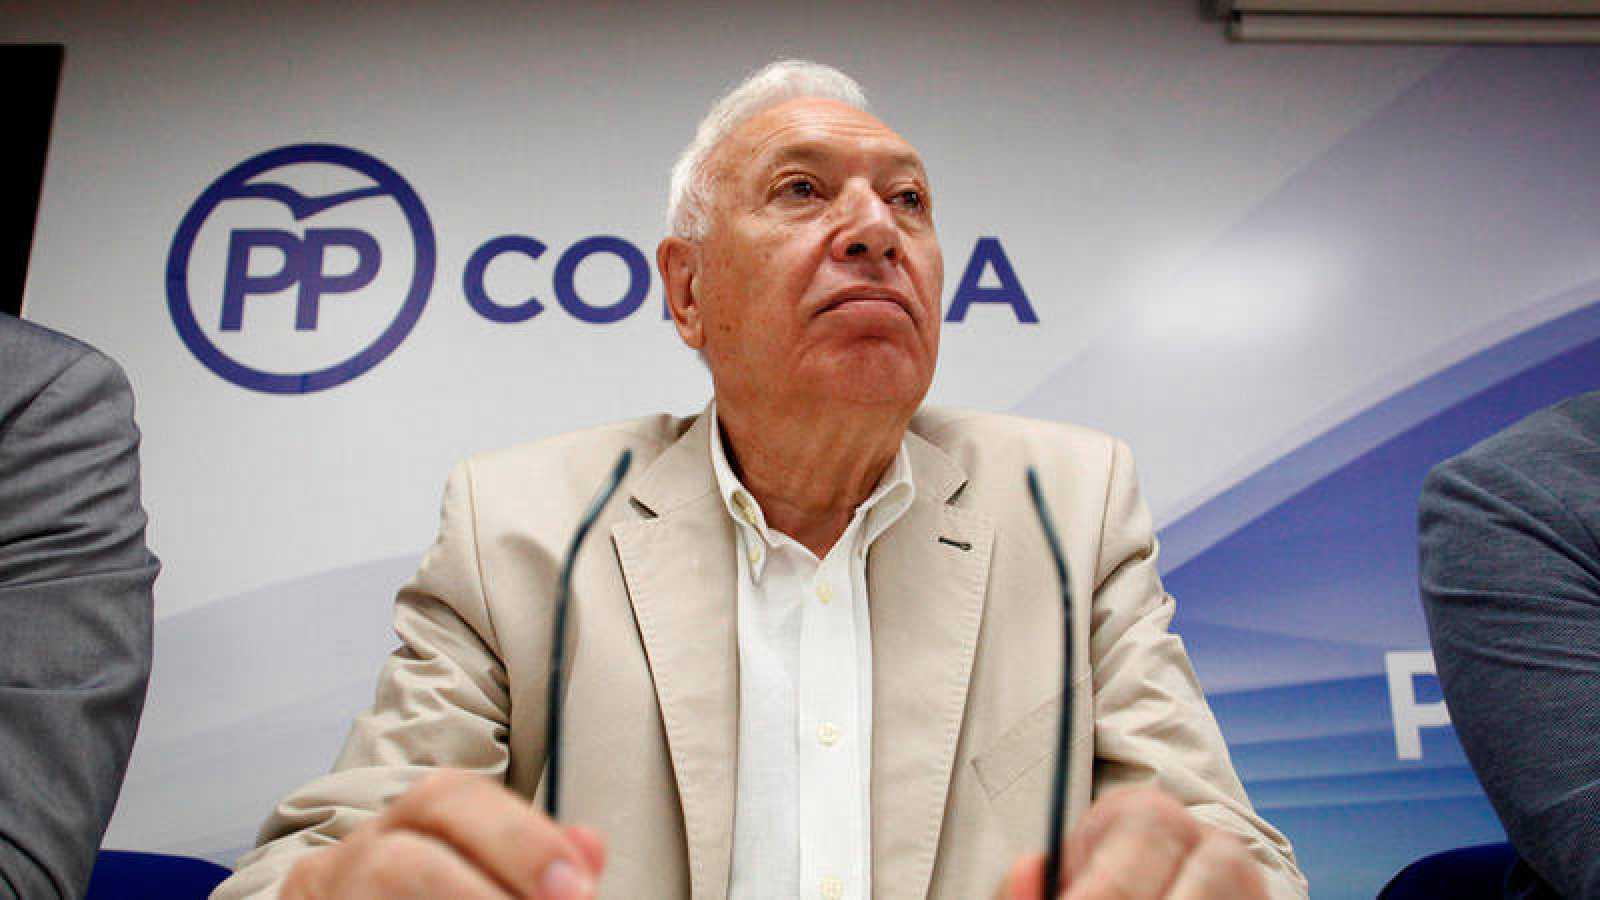 El candidato a la presidencia del PP José Manuel García Margallo